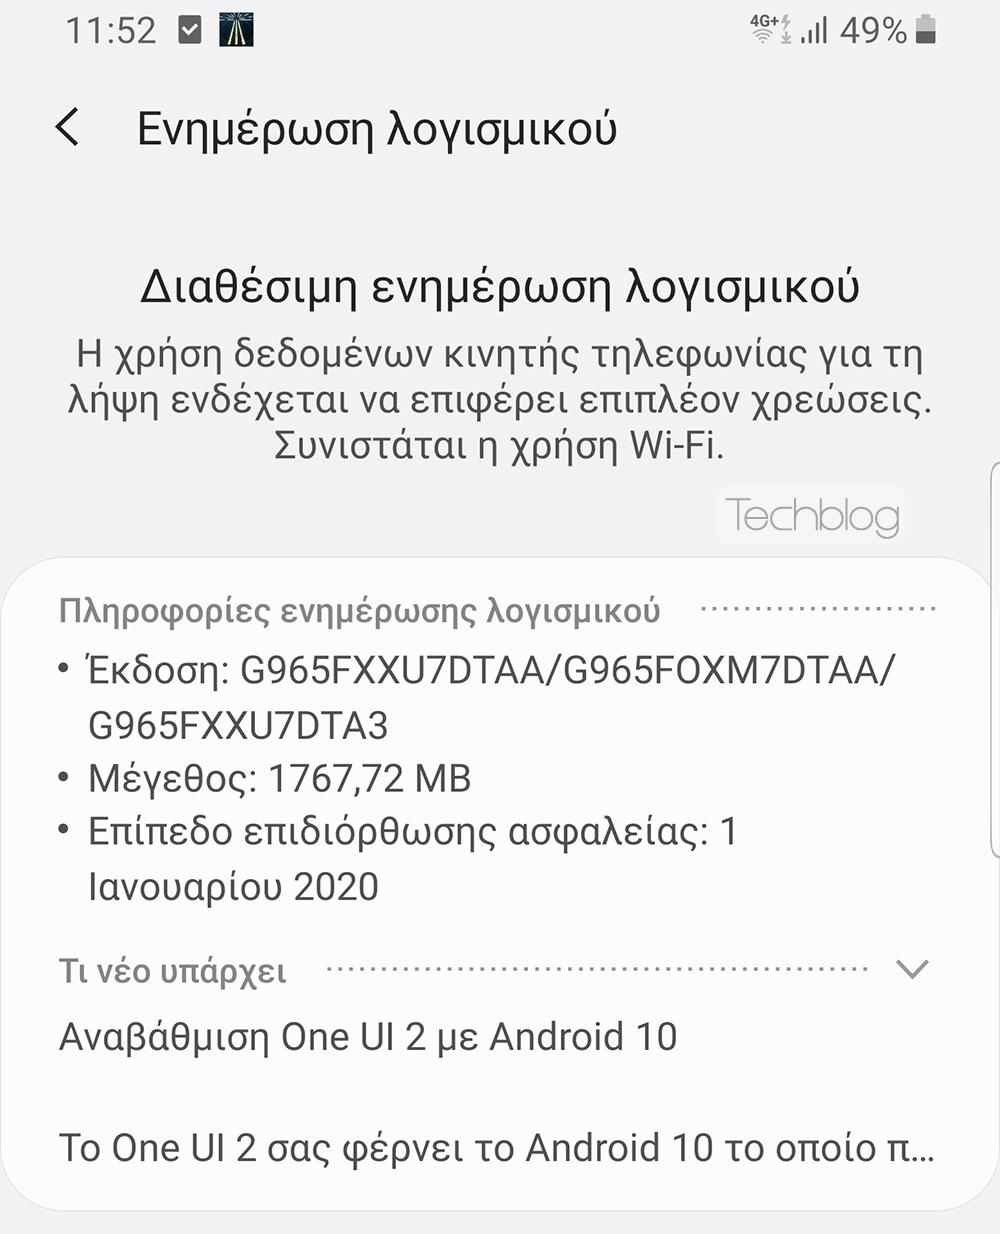 Ξεκίνησε η αναβάθμιση των Galaxy S9+ και Galaxy S9 σε Android 10